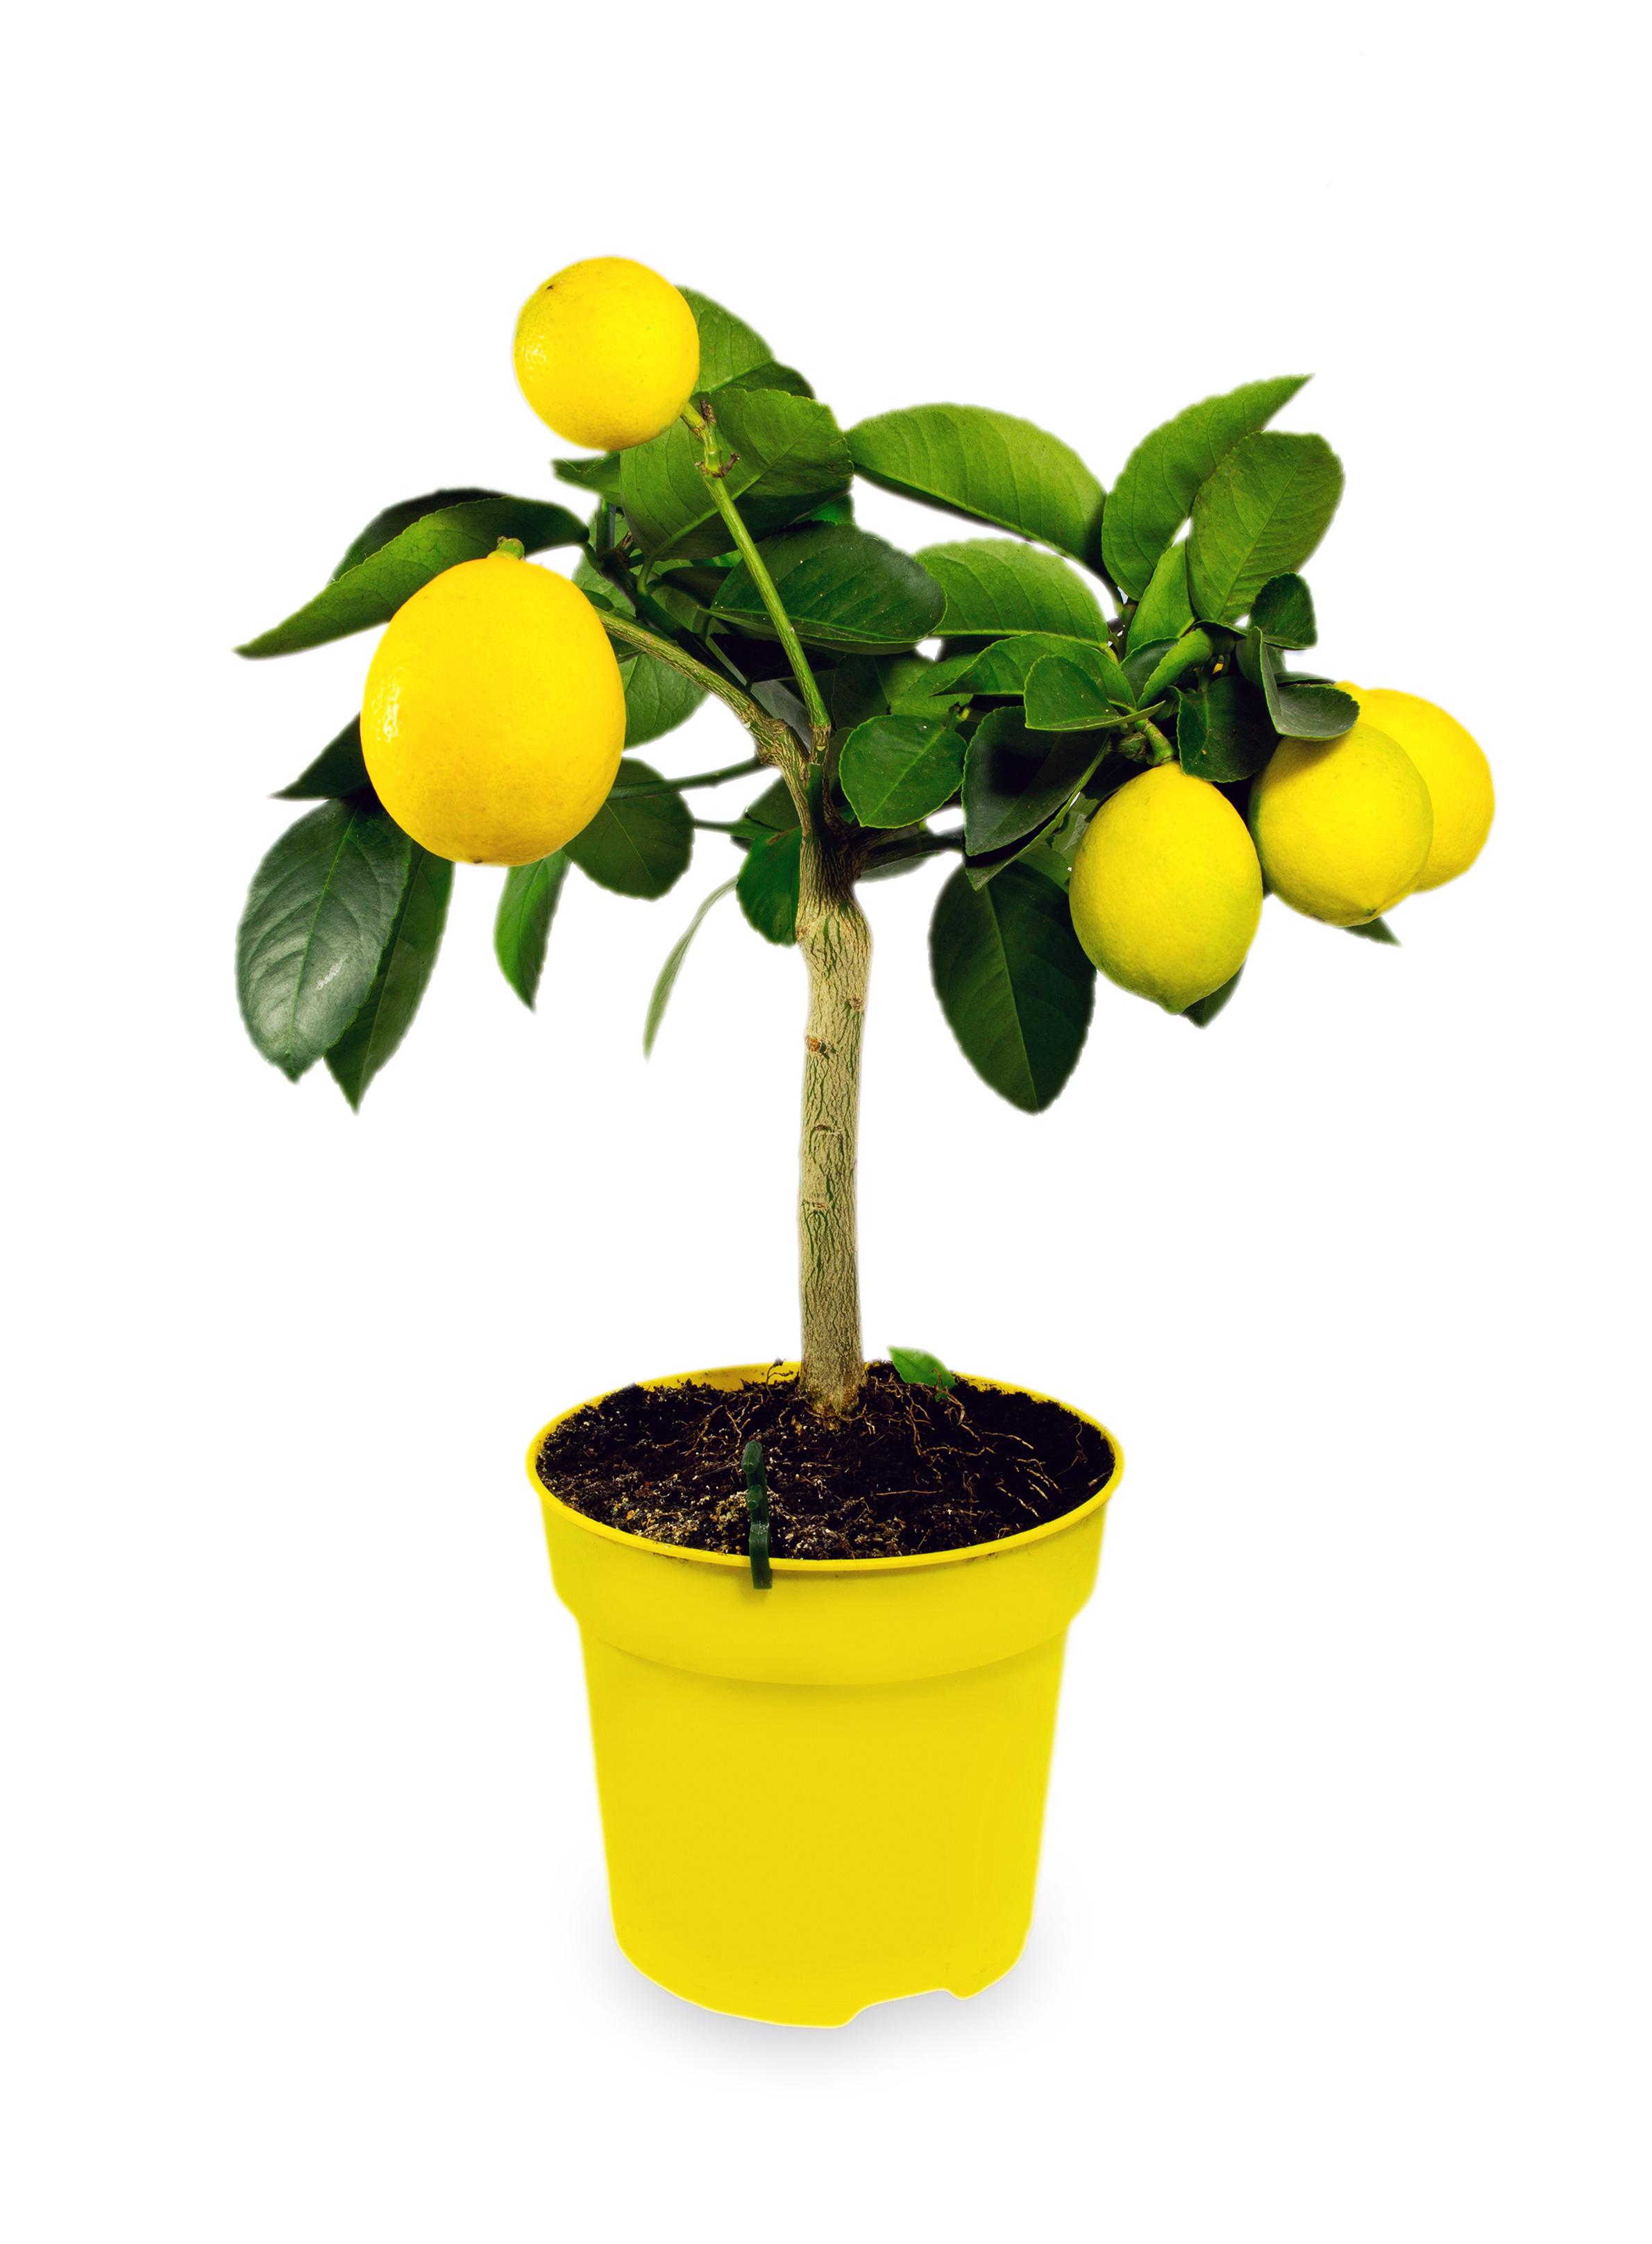 四季香水柠檬树苗木果树苗结果带果南北方庭院阳台绿植盆栽带盆